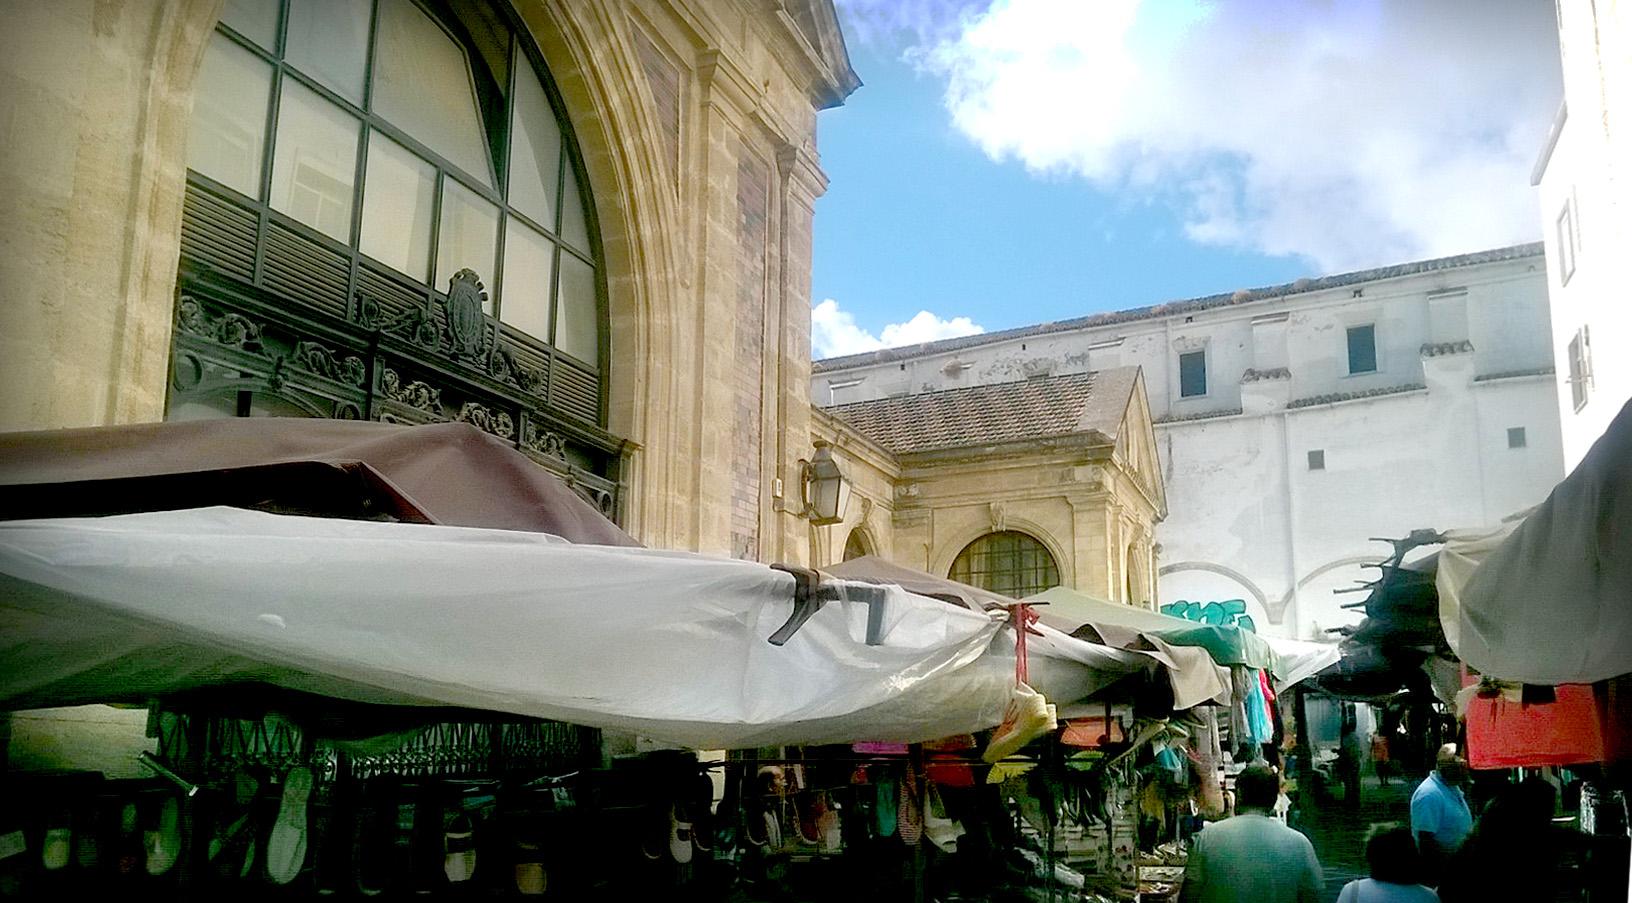 La ciudad que no vemos (II). El mercado y la plaza Esteve de Jerez de la Frontera.